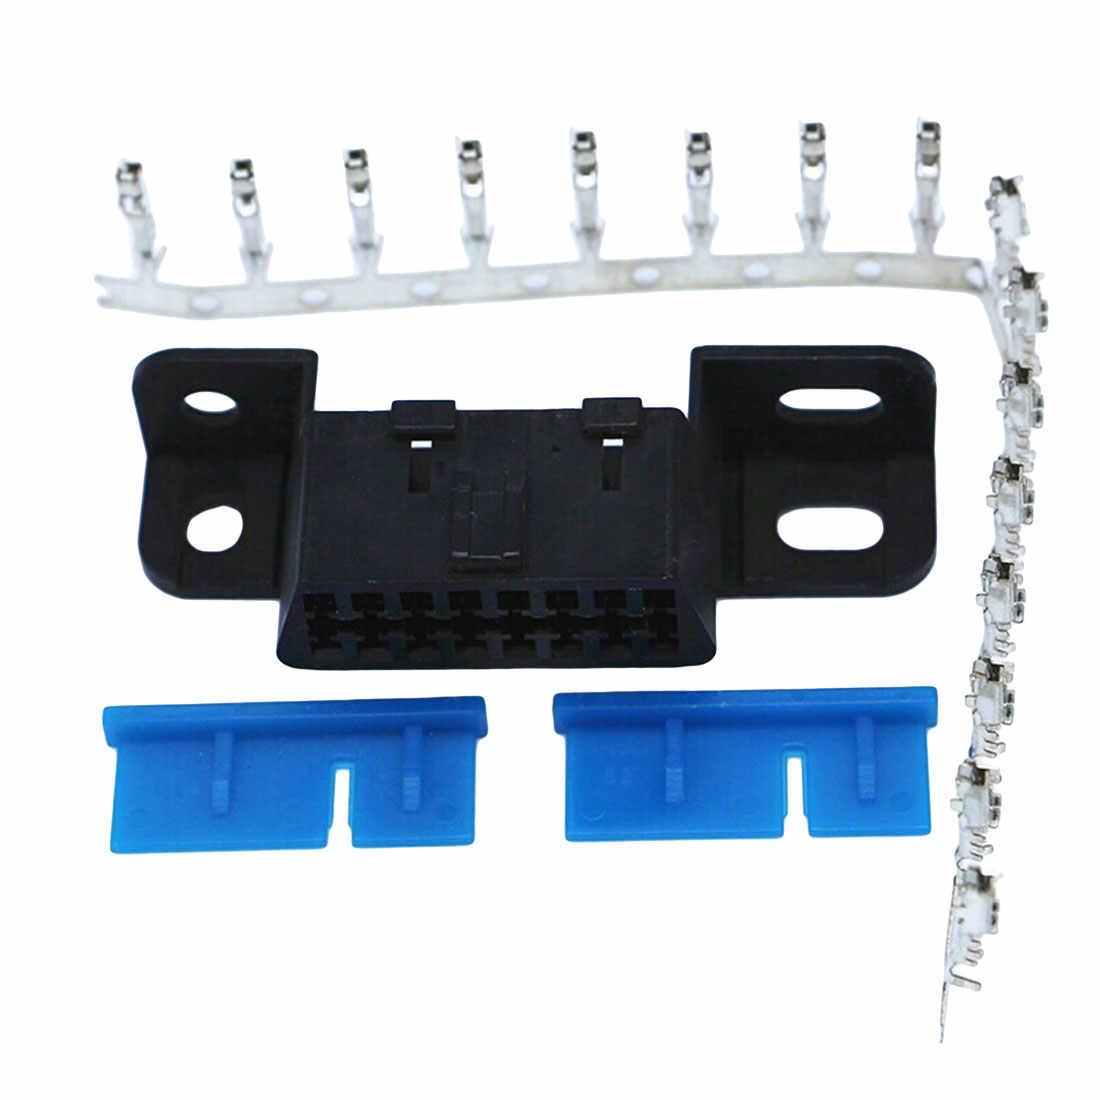 medium resolution of marsnaska 16pin obd2 connector obd 2 16pin female angle connector obd female wire sockets connector obd